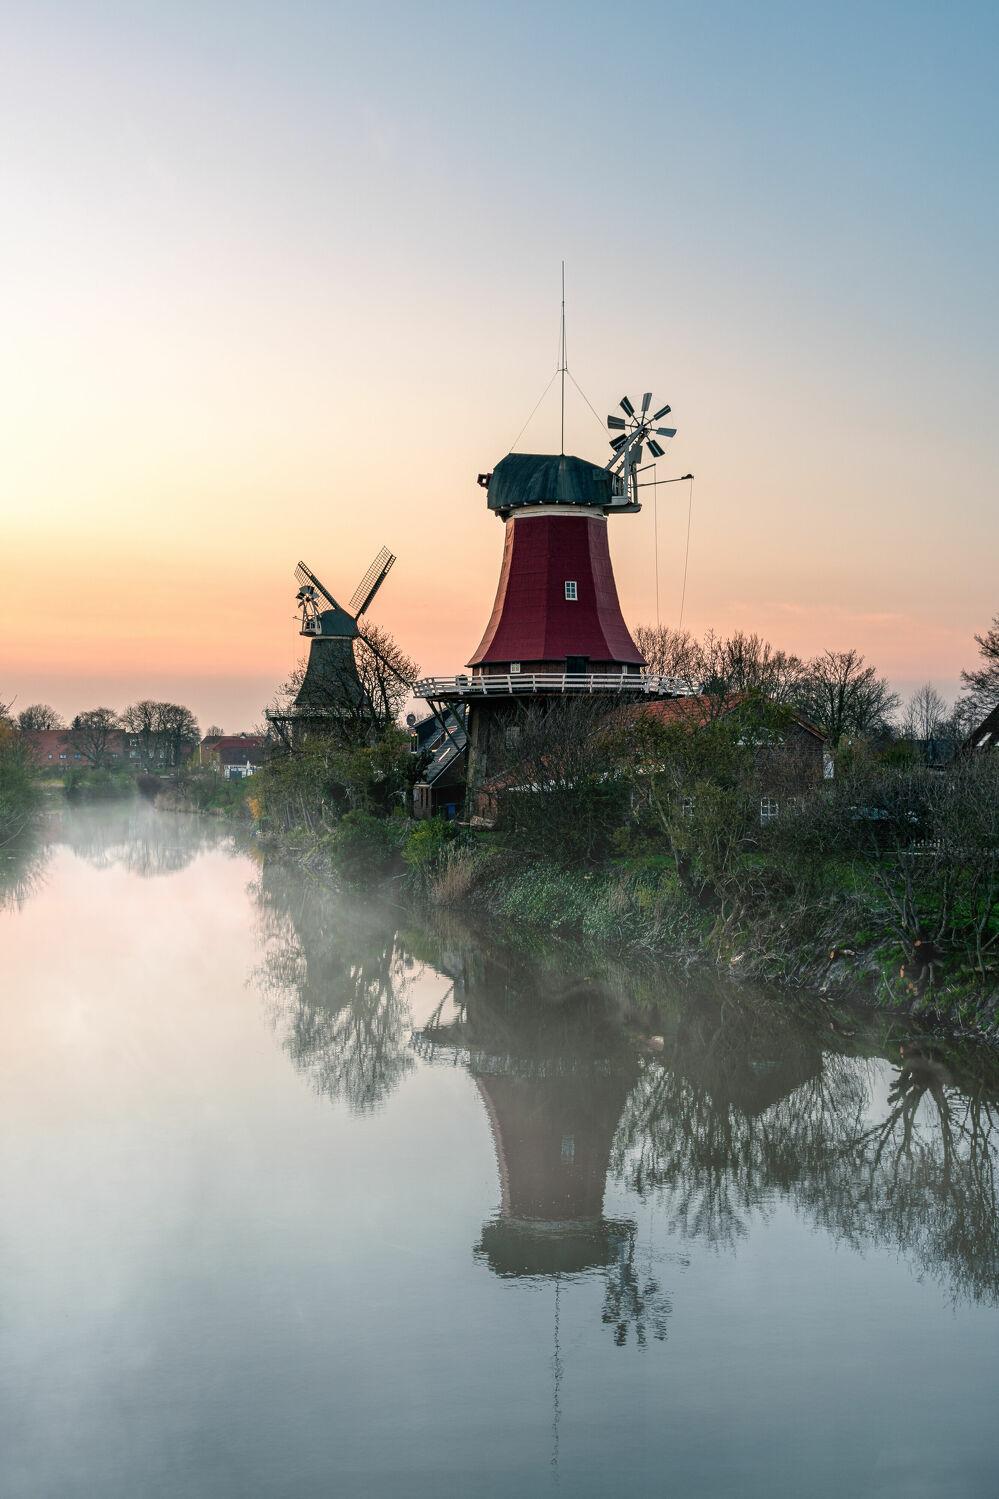 Bild mit Sonnenaufgang, Nebel, Landschaft, See, Ostfriesland, Fluss, Mühle, Morgens